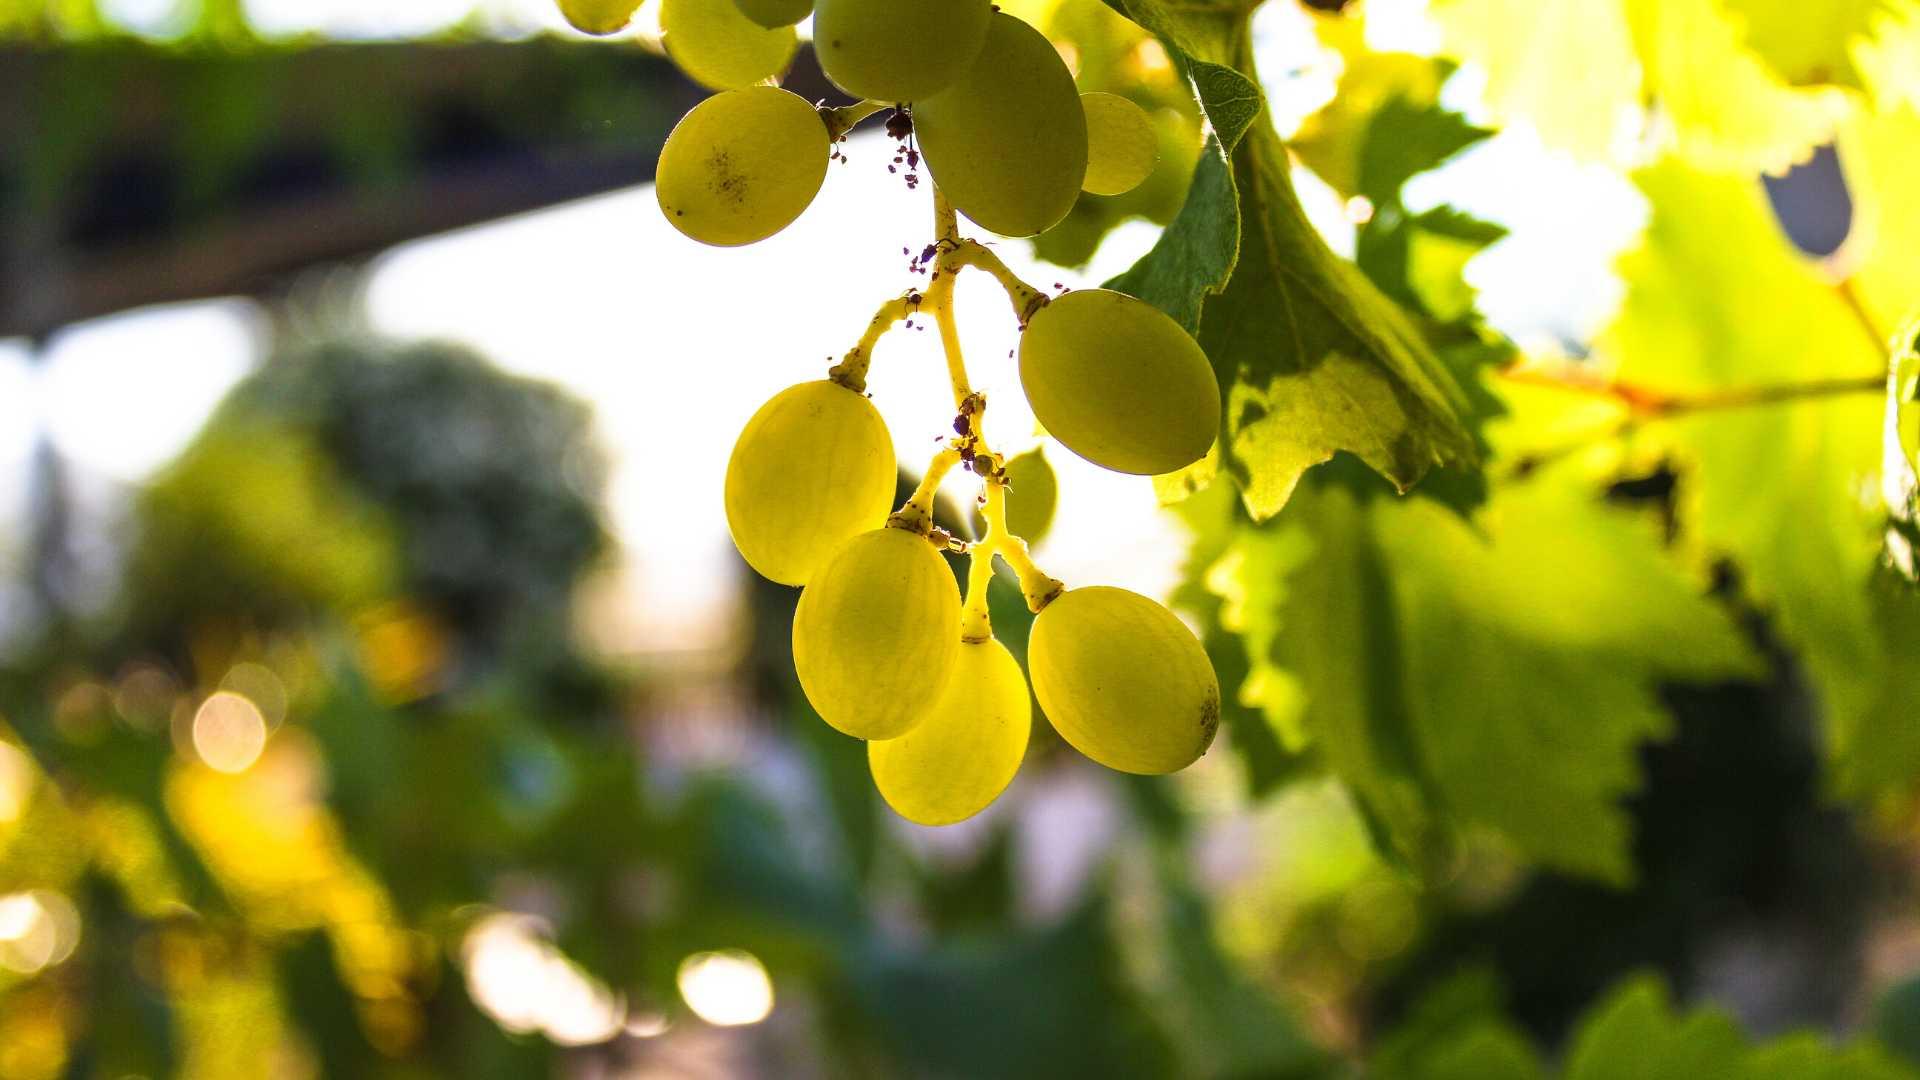 Utiel-Requena Wine Trail